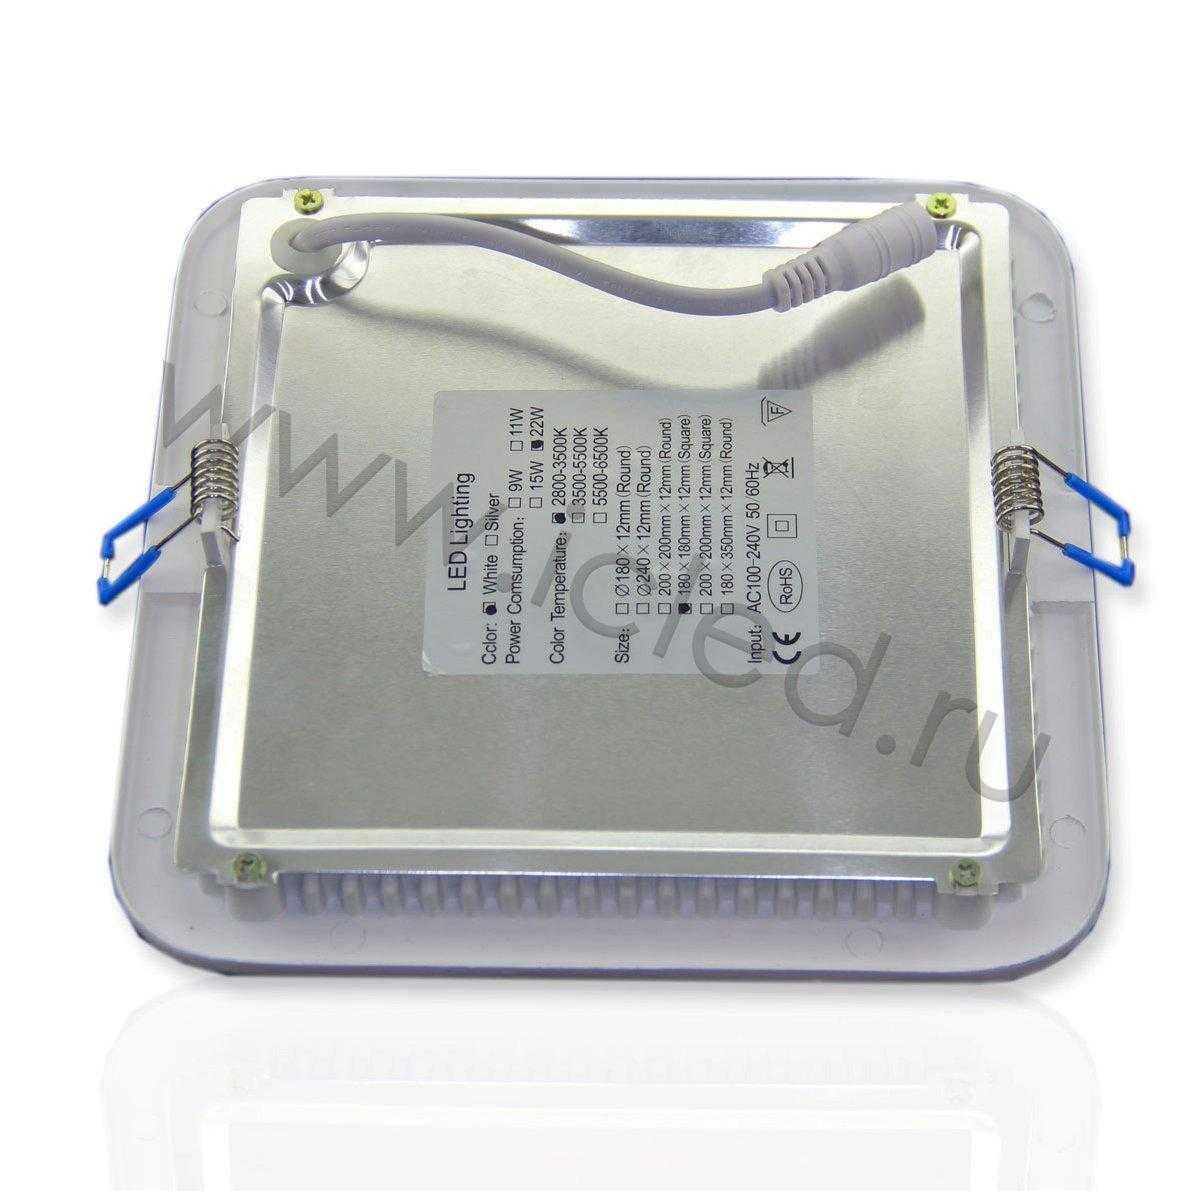 Светодиодный светильник потолочный IC-SW L180 (11W, Warm White)